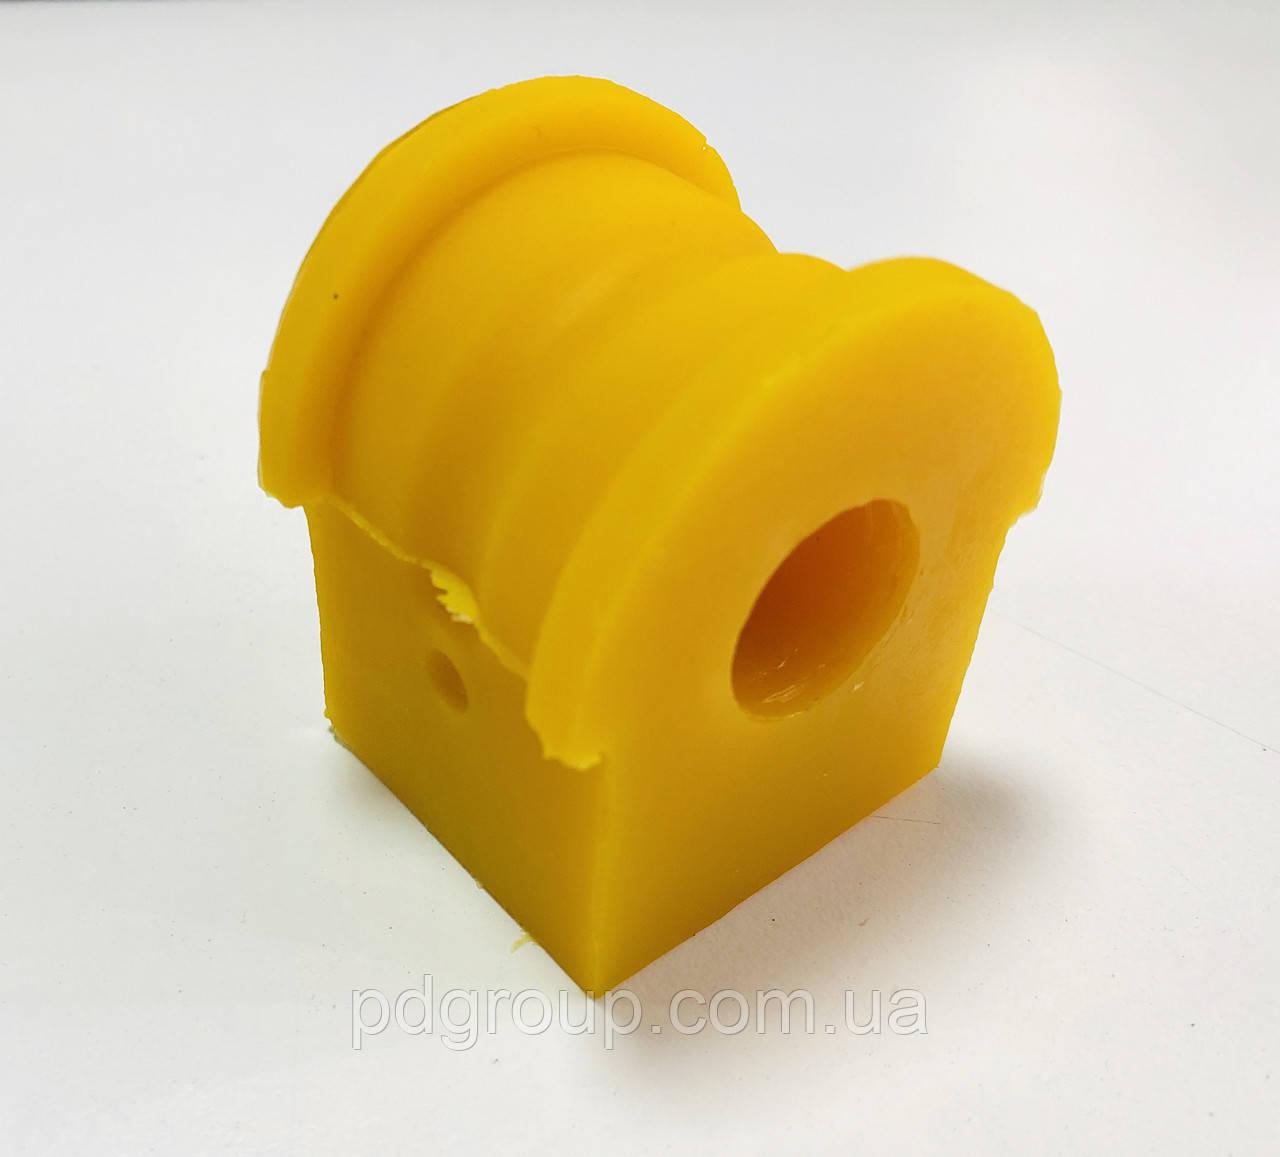 Втулка стабілізатора поліуретан переднього d= 18.5 мм Рено Лагуна 2 Renault Laguna 2 OEM 82 00 272 594